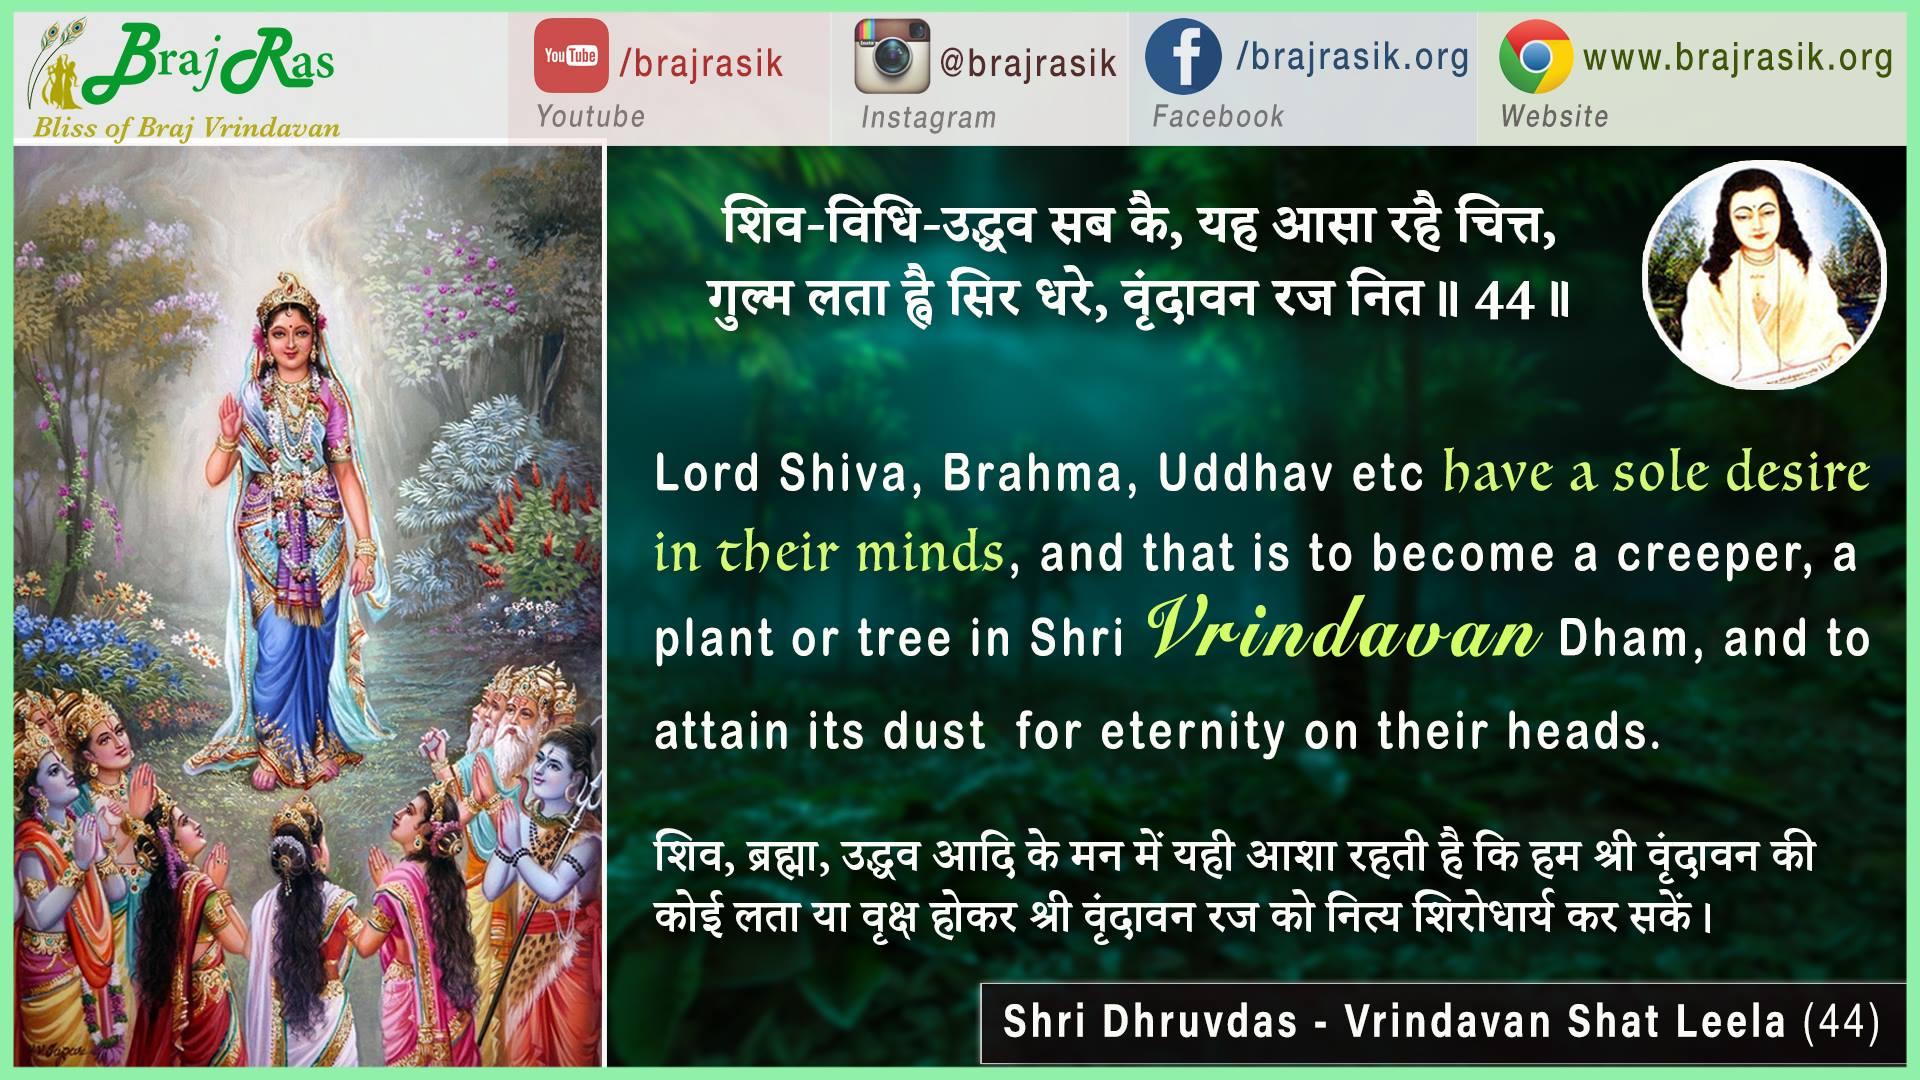 Shiv Vidhi Uddhav Sab Ke - Shri Dhruvdas - Vrindavan Shat Leela